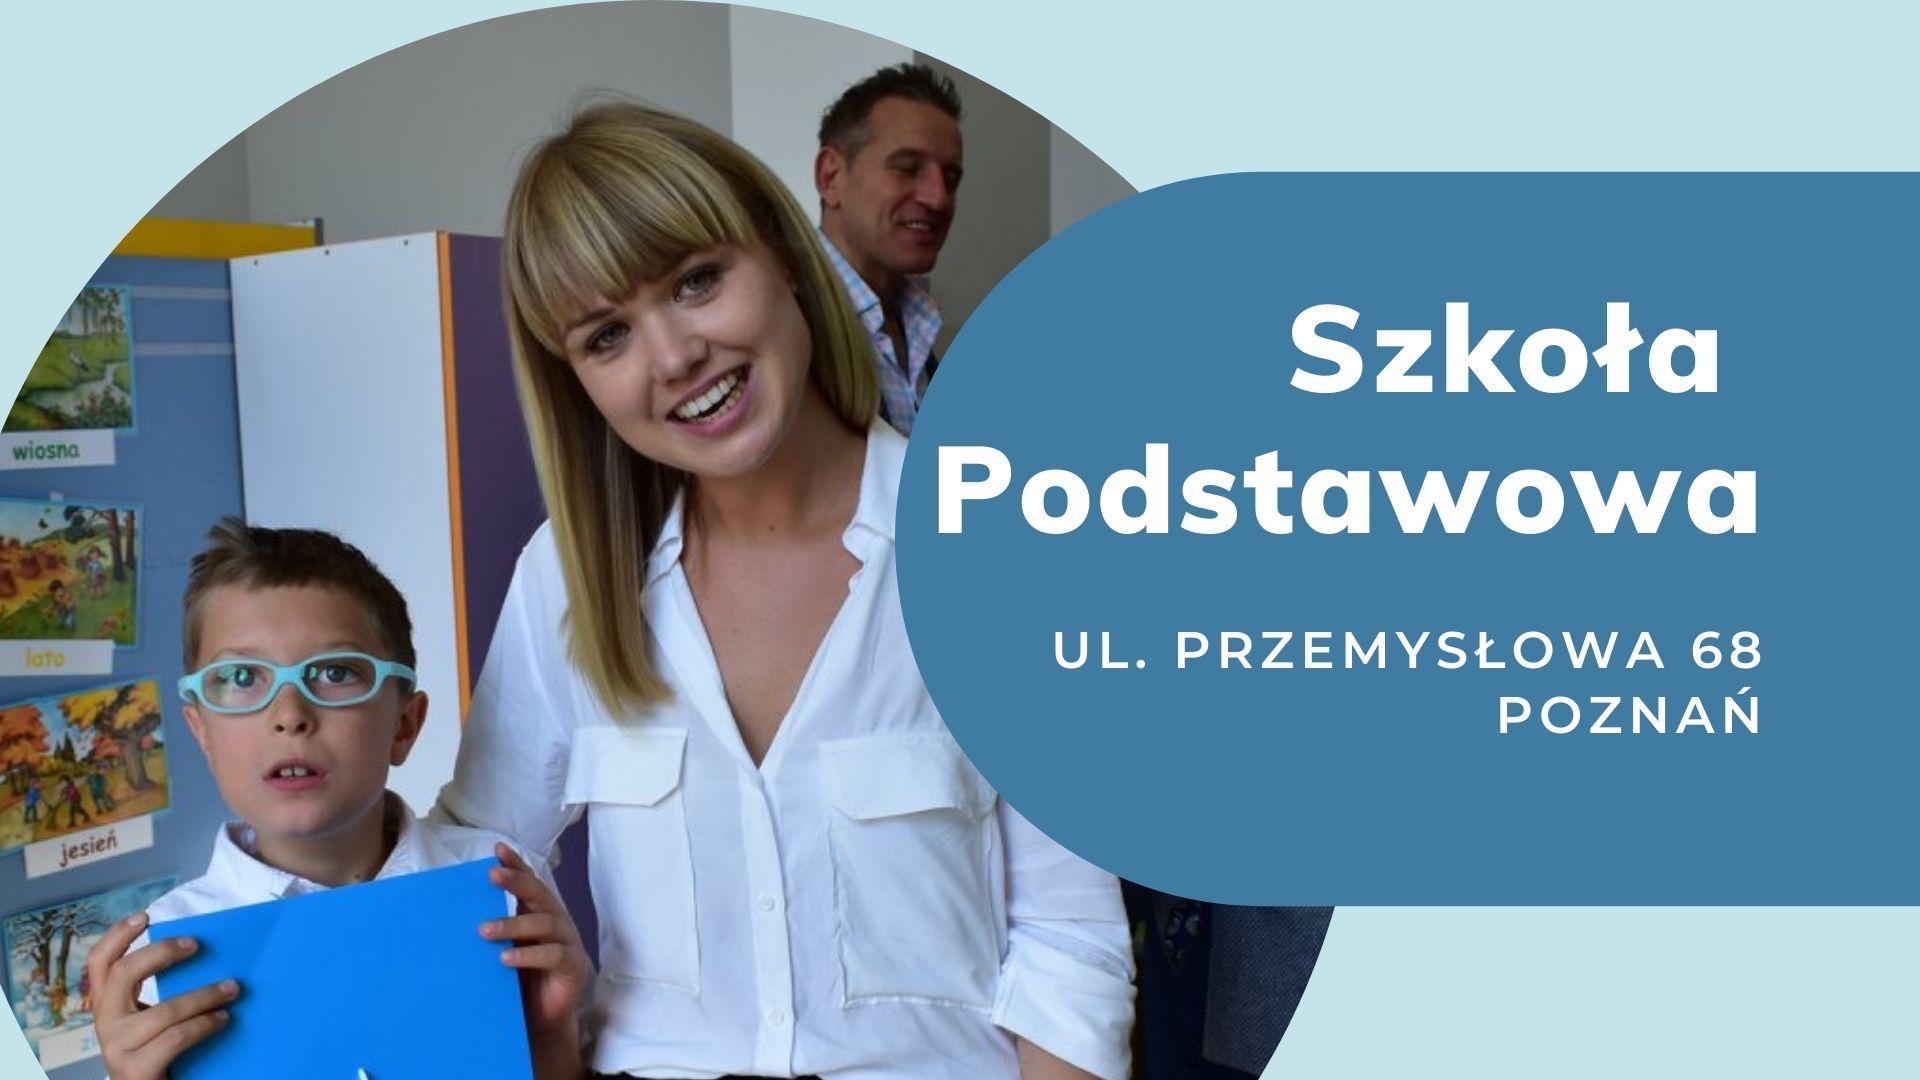 Szkoła dla dzieci z autyzmem w Poznaniu